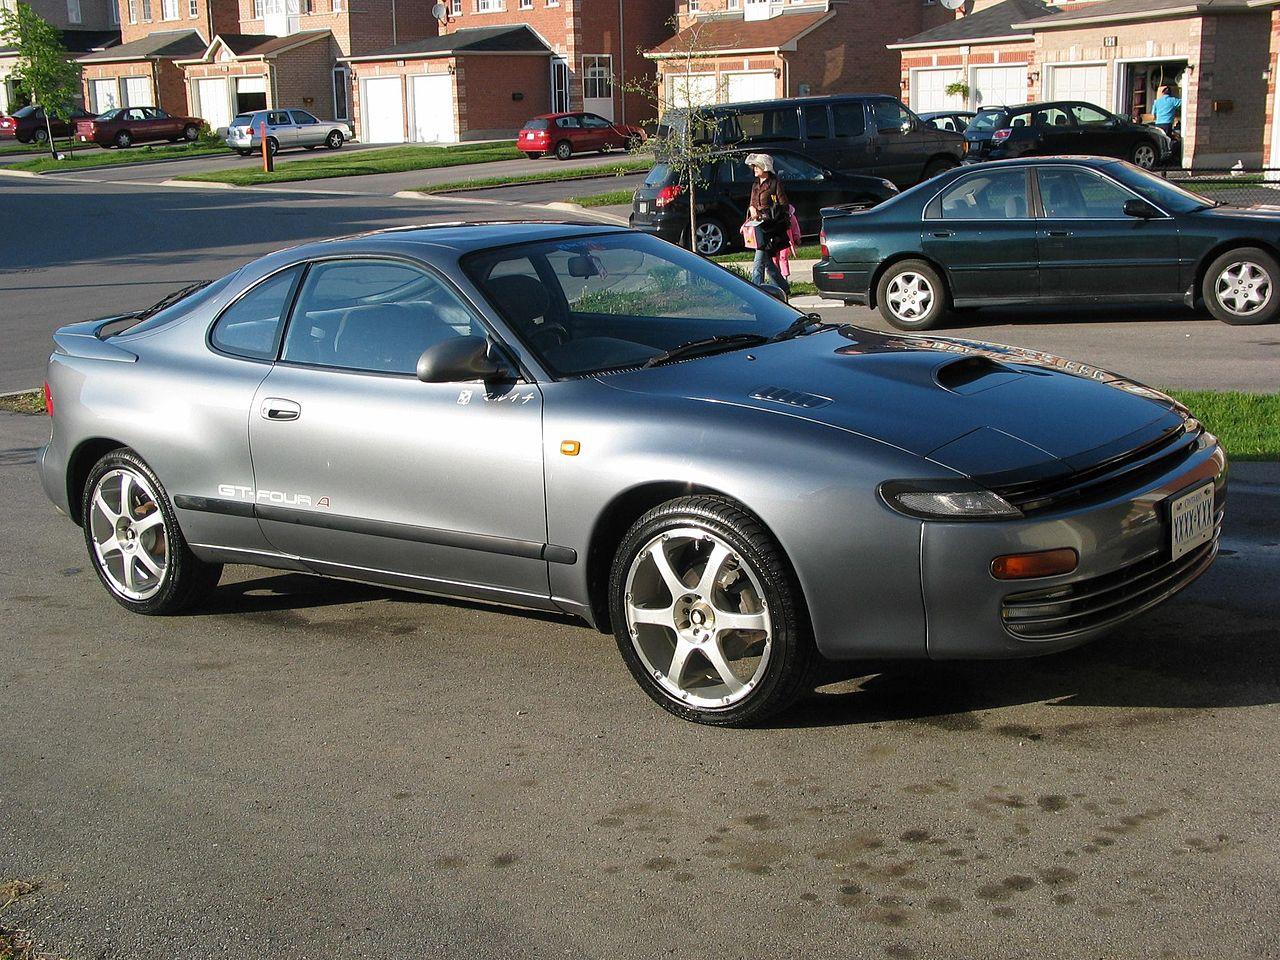 1991 toyota celica gt 2dr hatchback 2 2l manual rh carspecs us